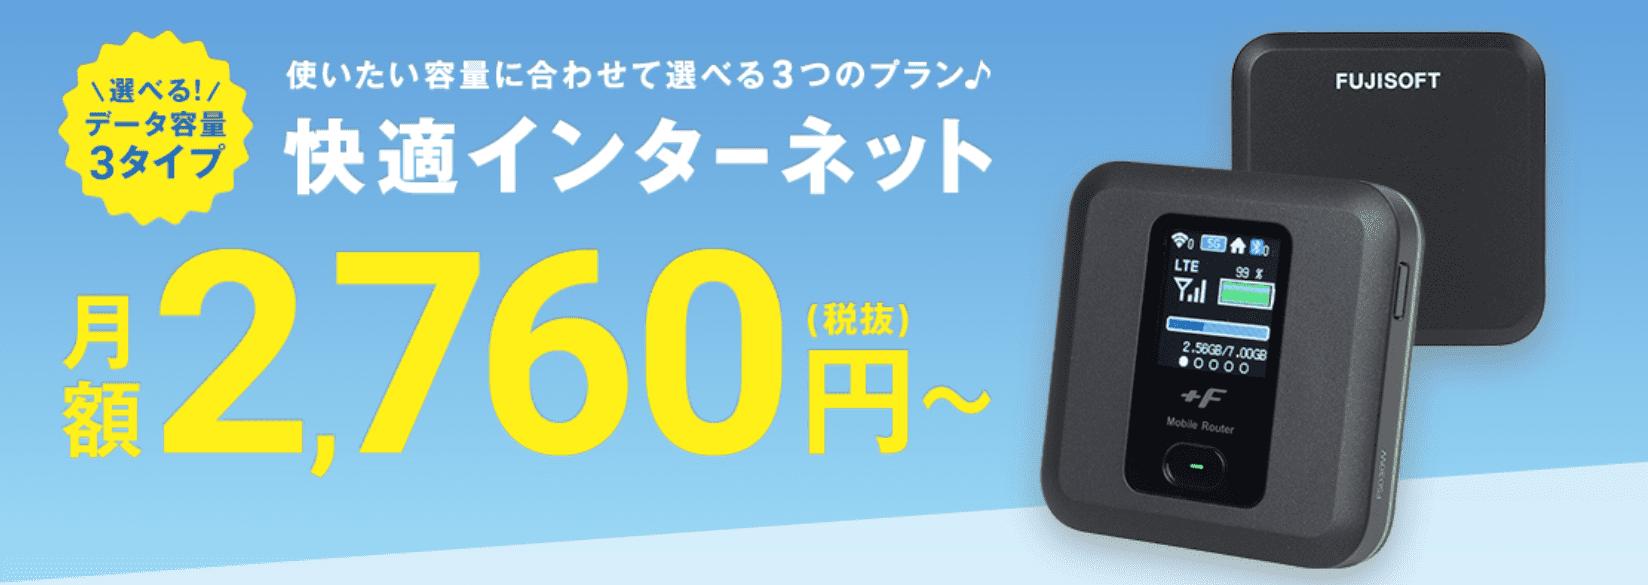 ポケットWiFi,NEXT mobile